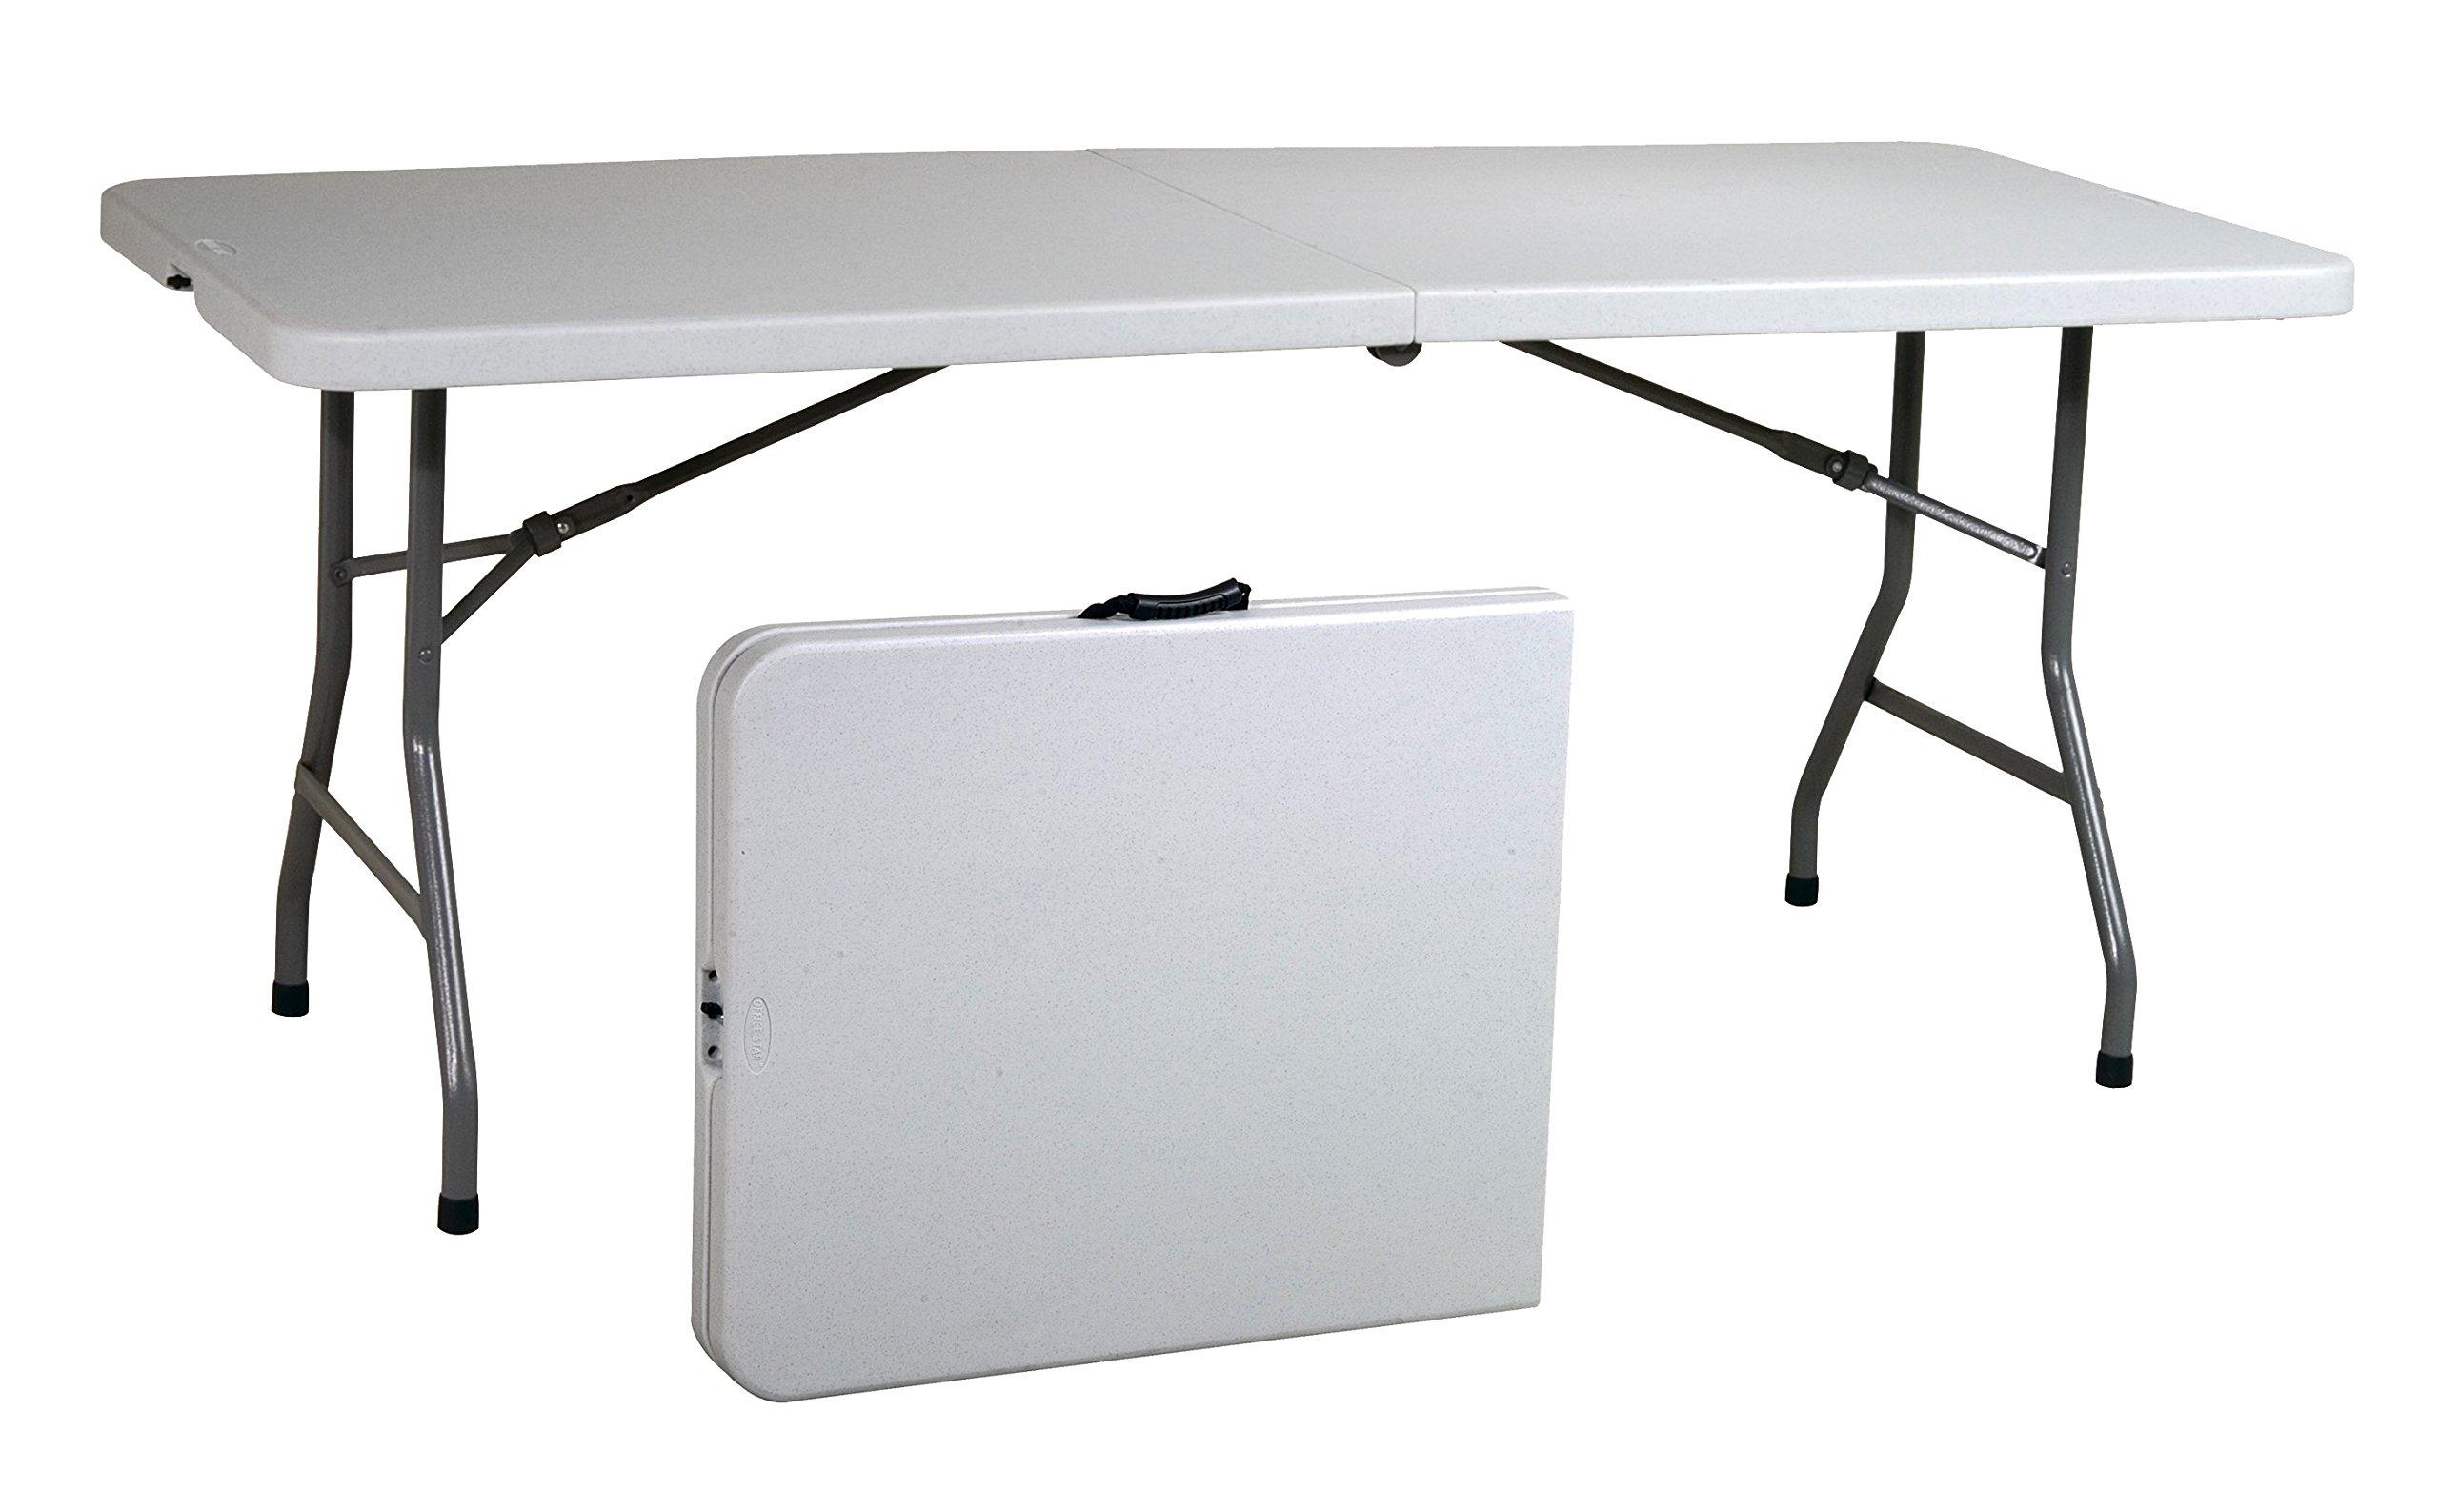 Office Star Resin Multipurpose Rectangle Table, 6-Feet, Center Folding by Office Star